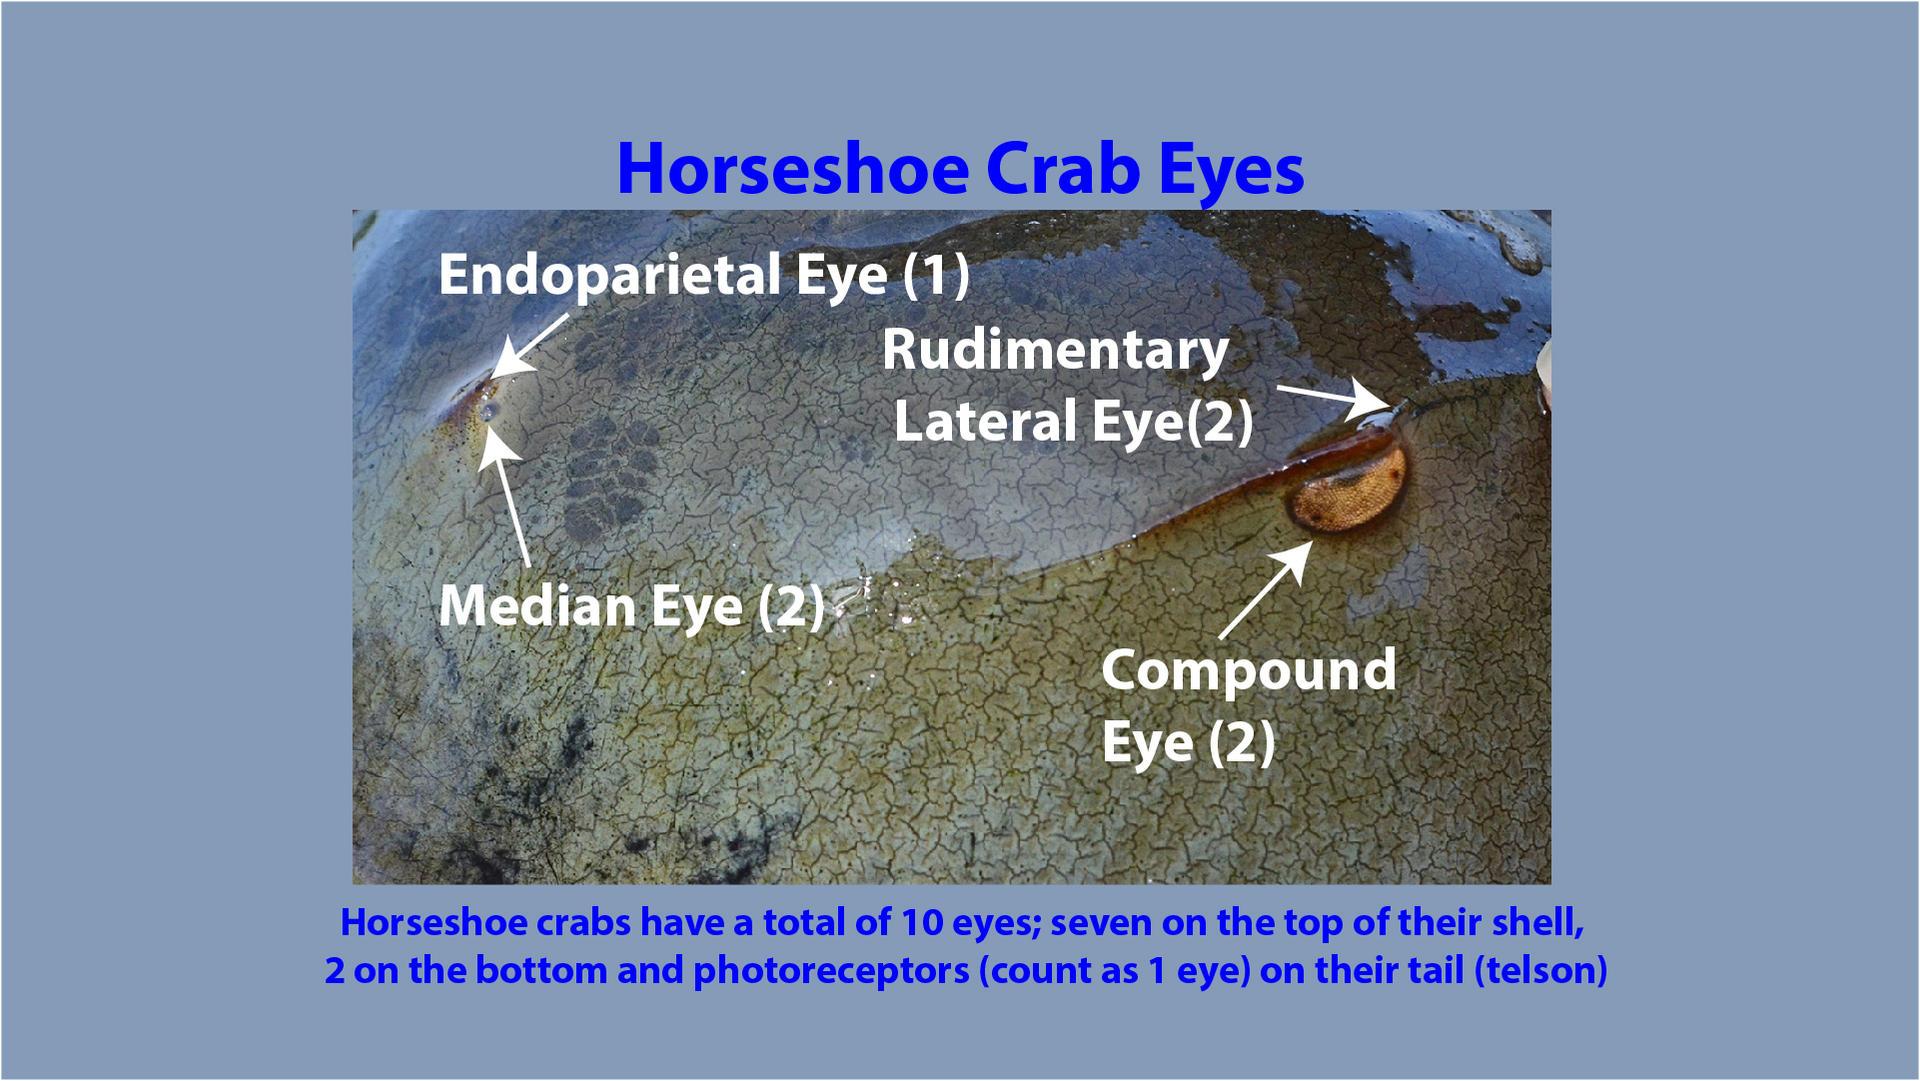 Horseshoe Crab Eye Identification